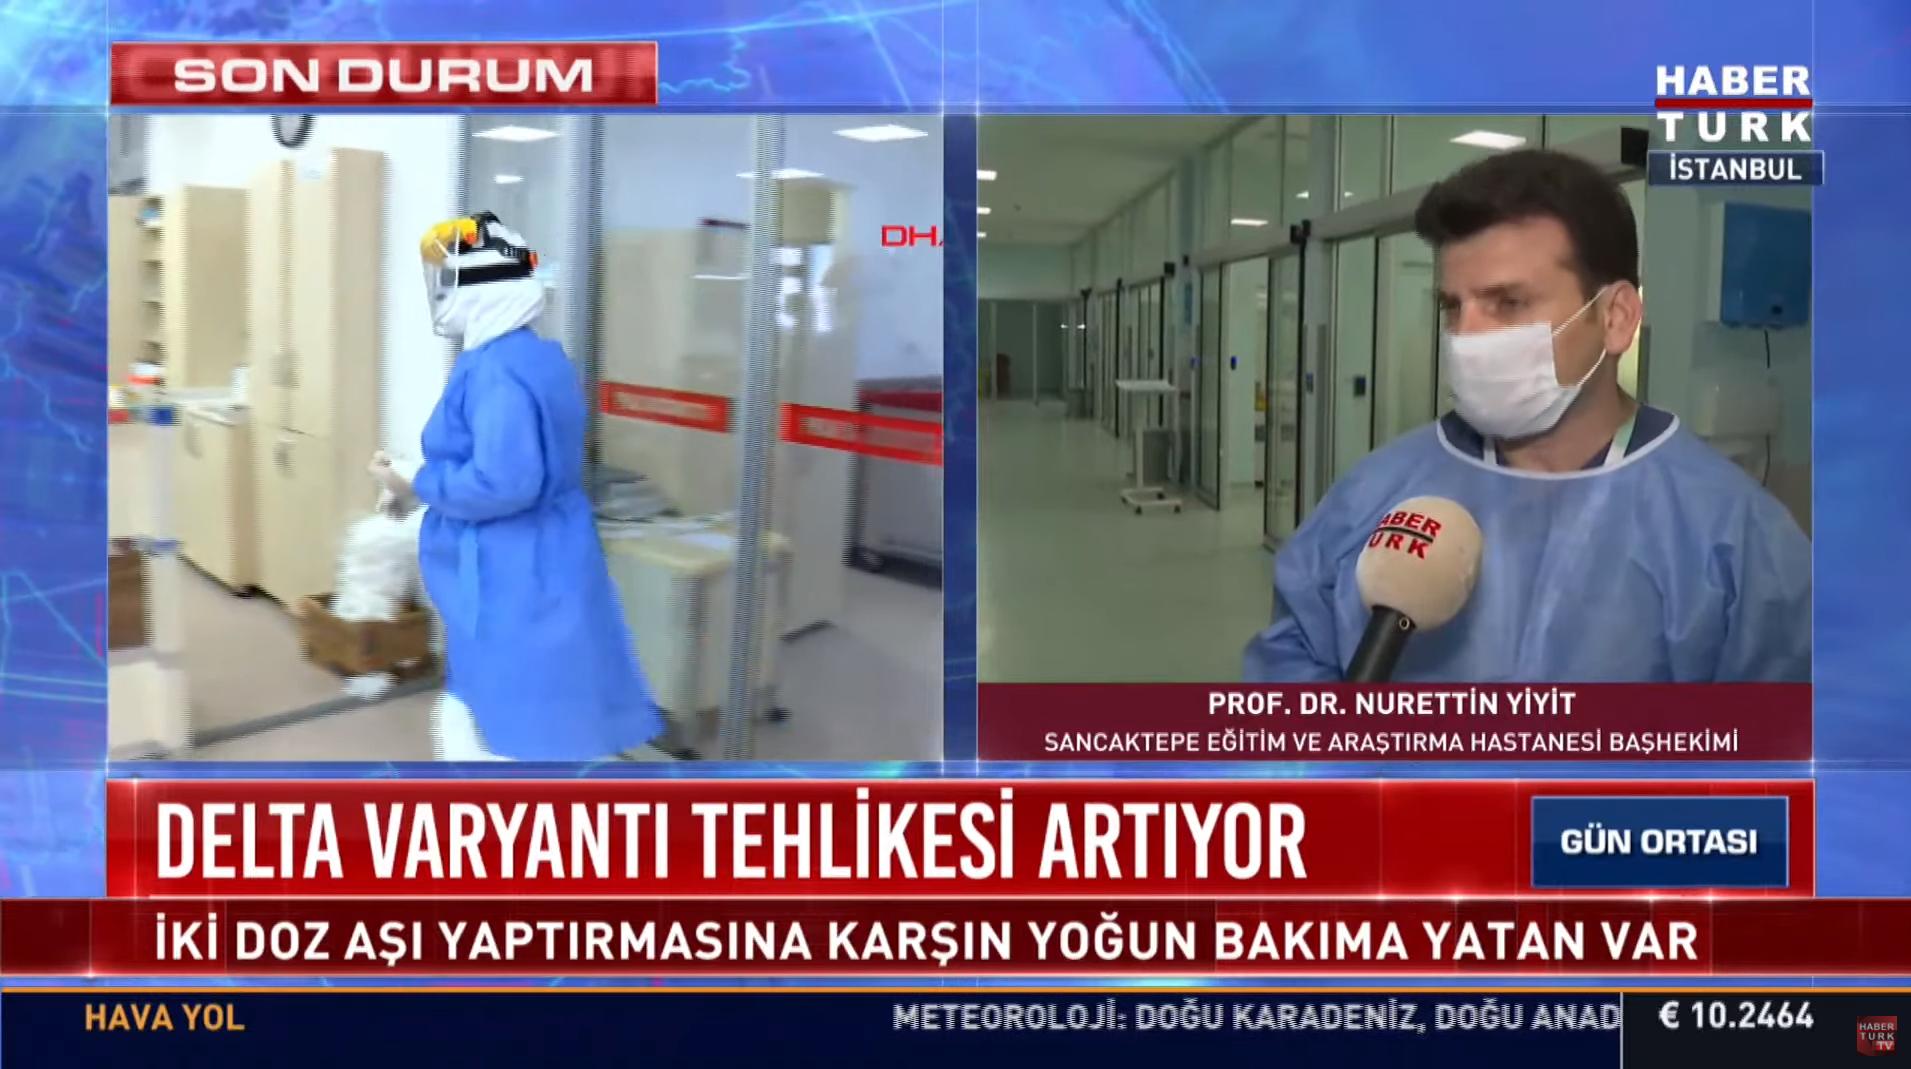 Prof. Dr. Nurettin Yiyit kötü haberi verdi! Delta varyantı artmaya başladı, en çok o kişiler tehlike altında